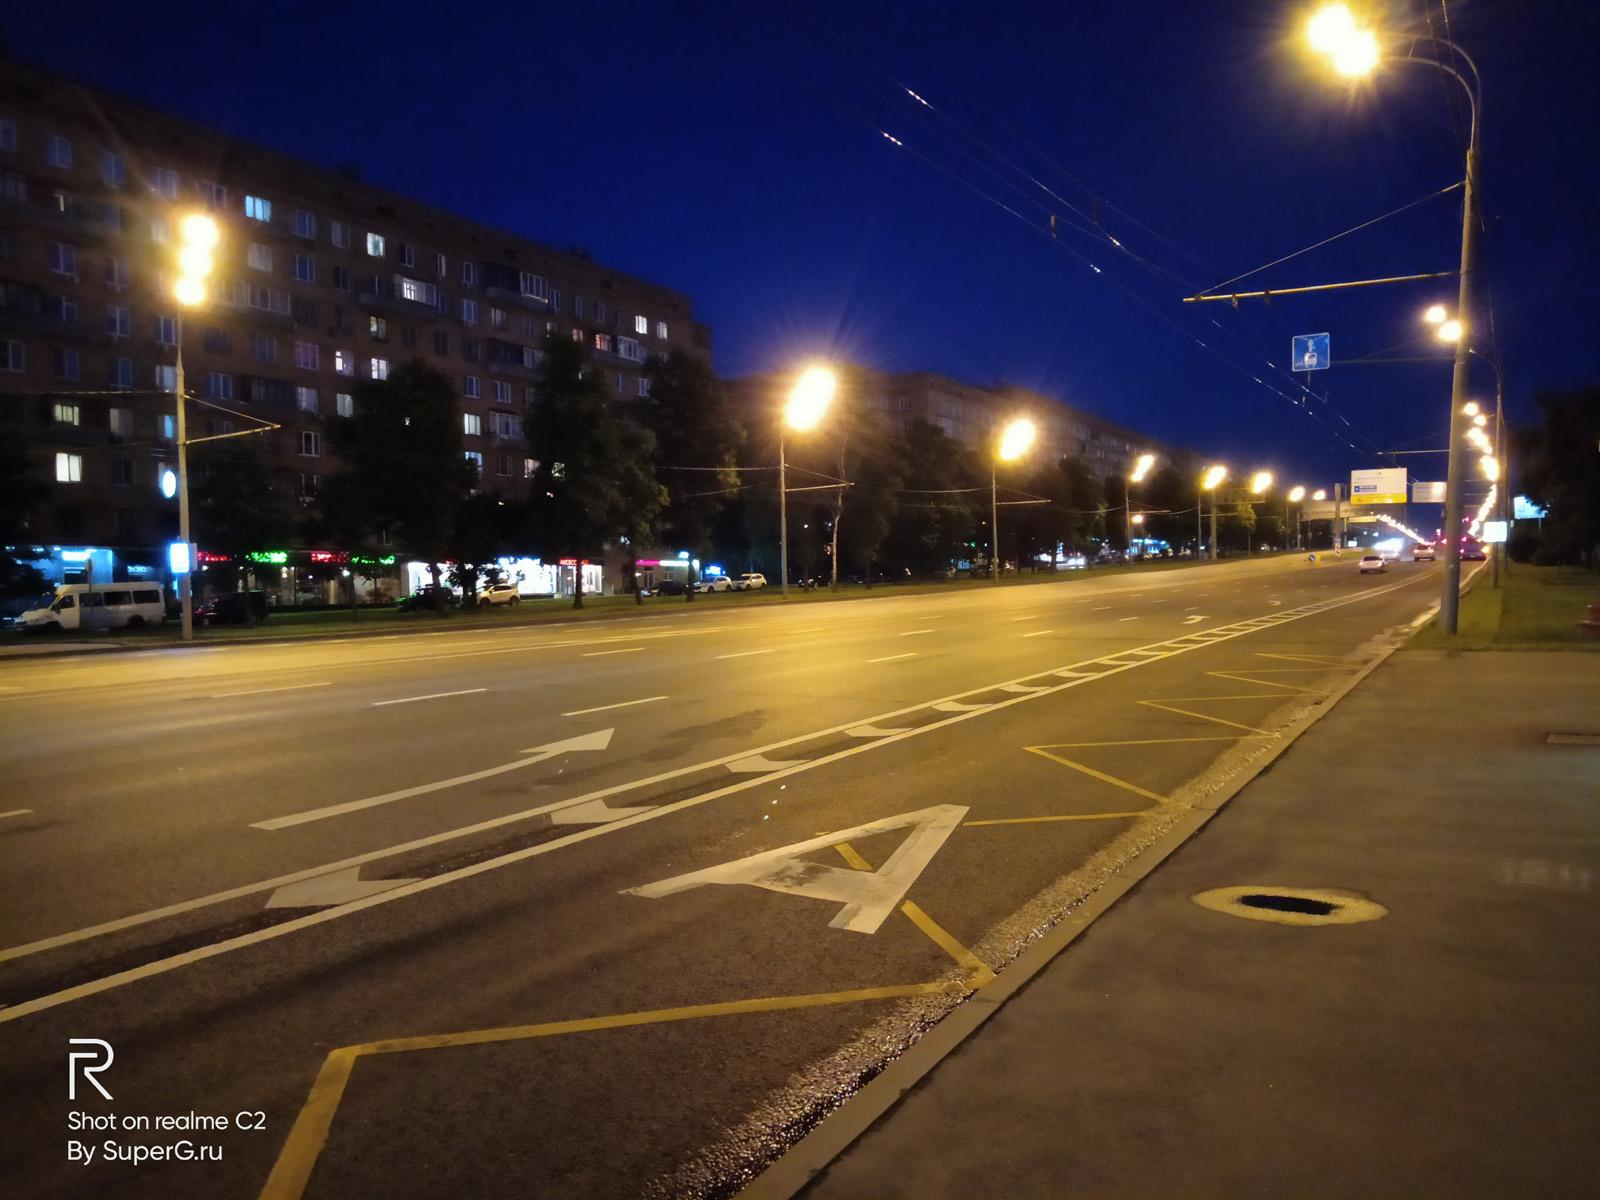 Ночное фото с Realme C2